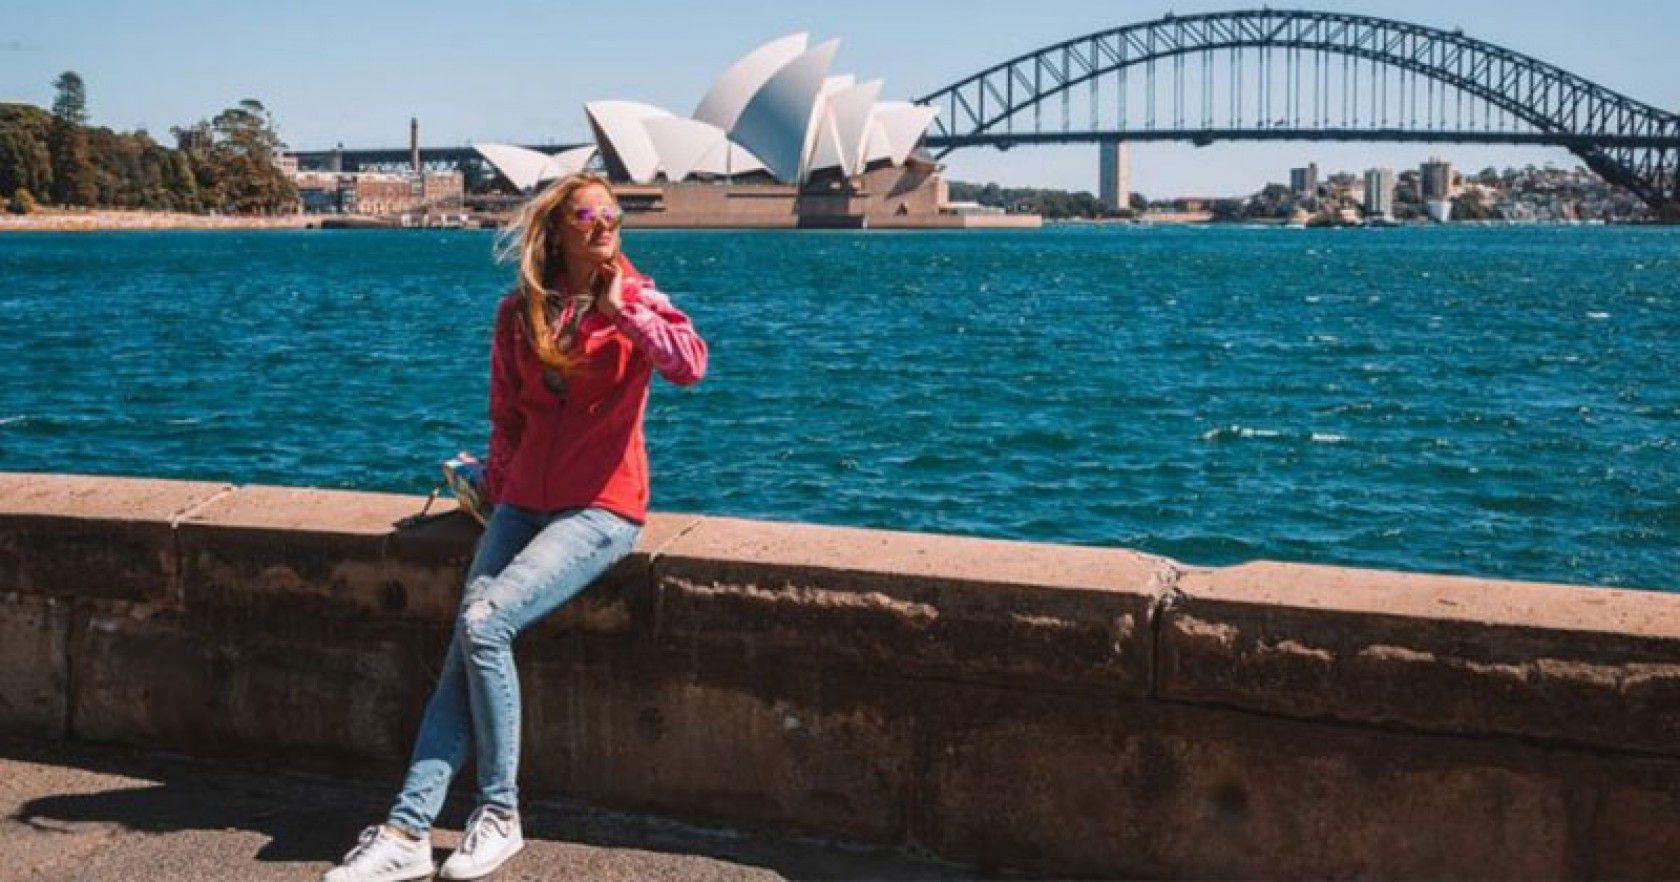 Avustralya Lise Eğitiminin Tercih Edilmesinin Sebepleri